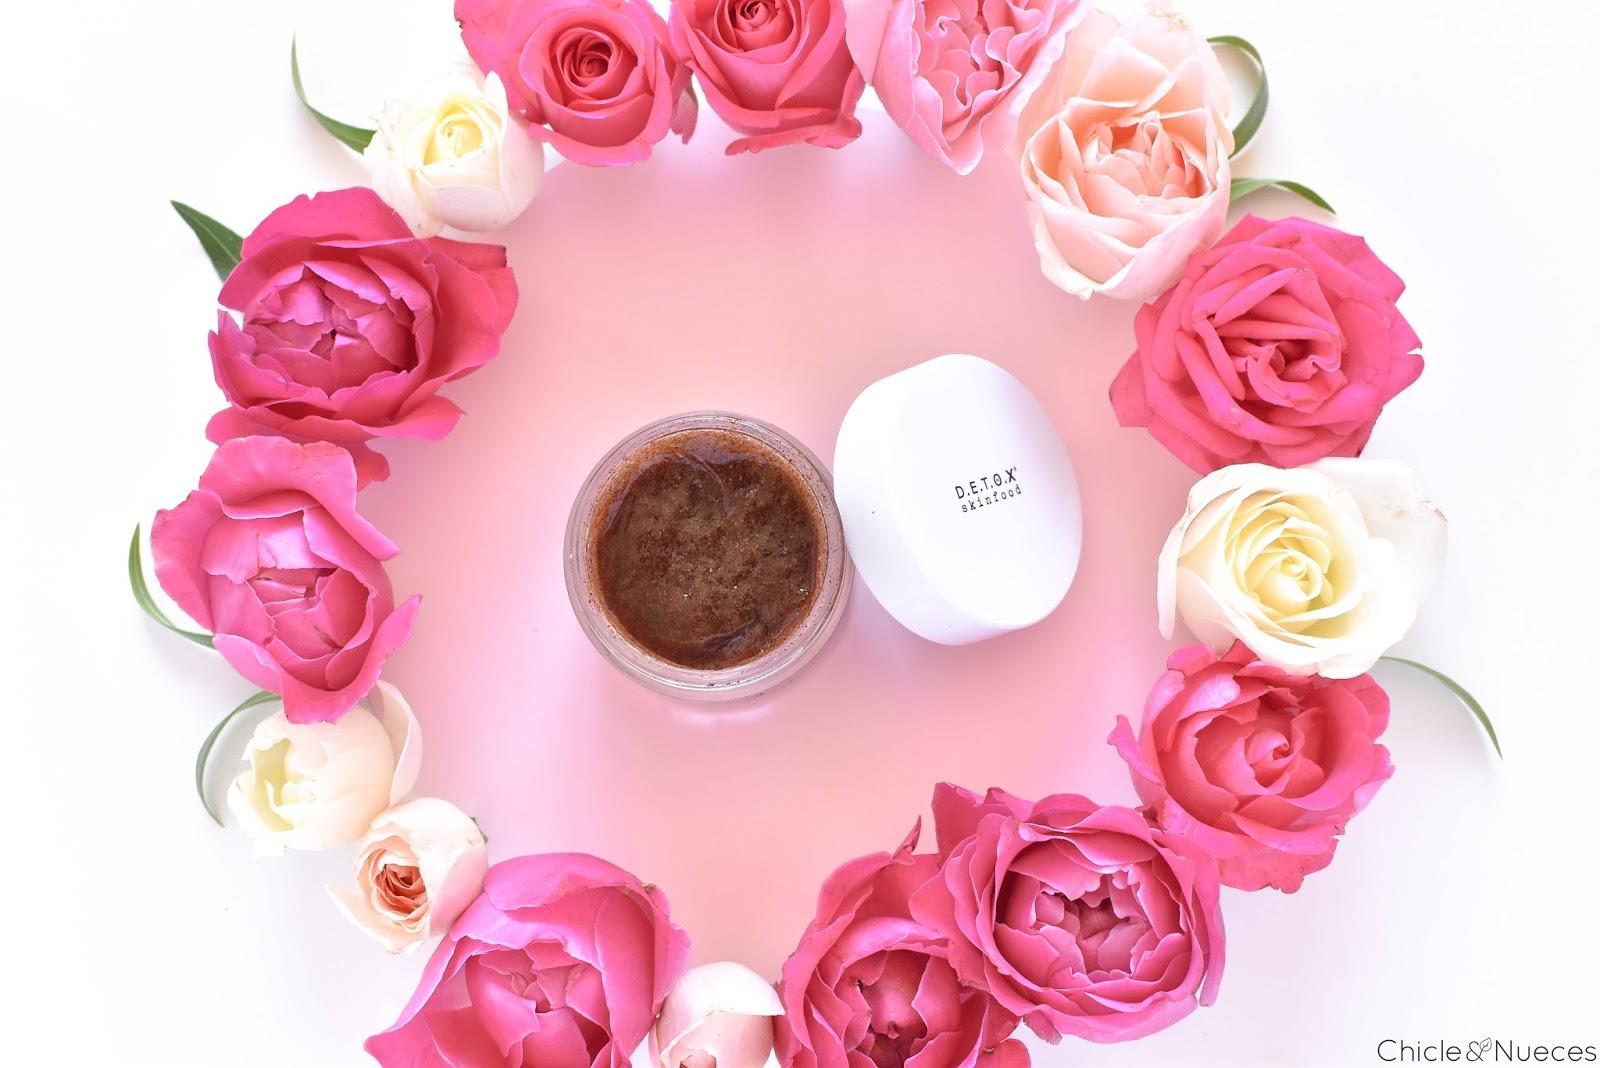 Detox Skinfood aceite facial y exfoliante